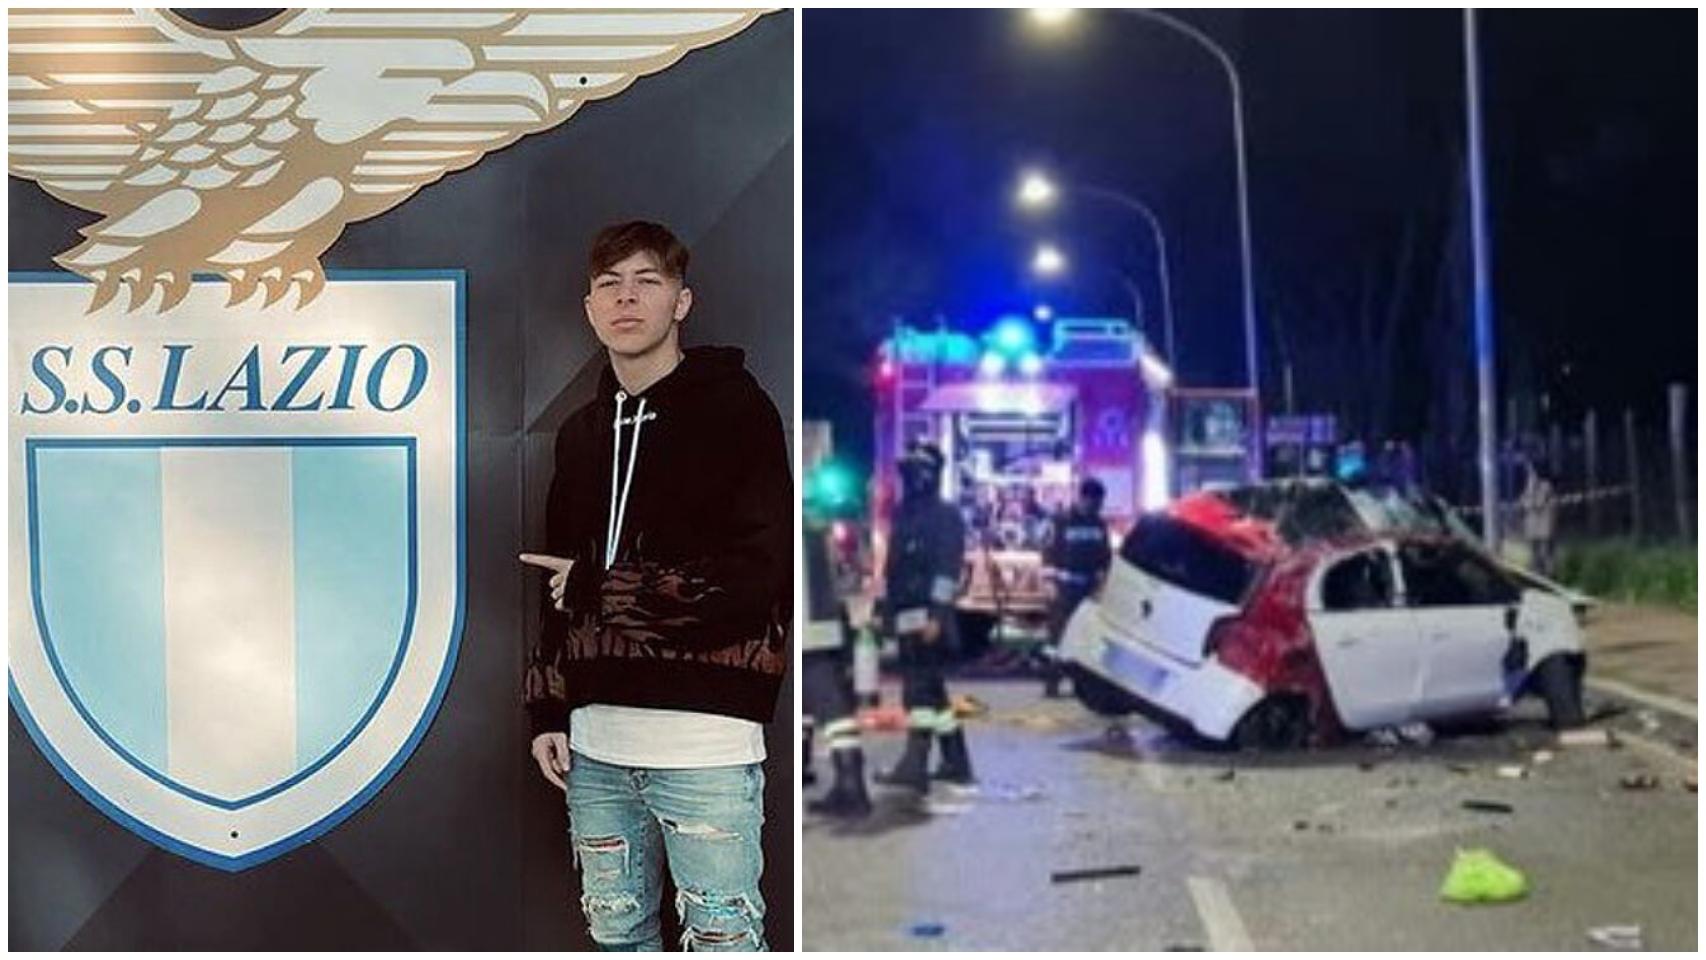 Muere Daniel Guerini, perla de la Lazio, en un accidente de tráfico